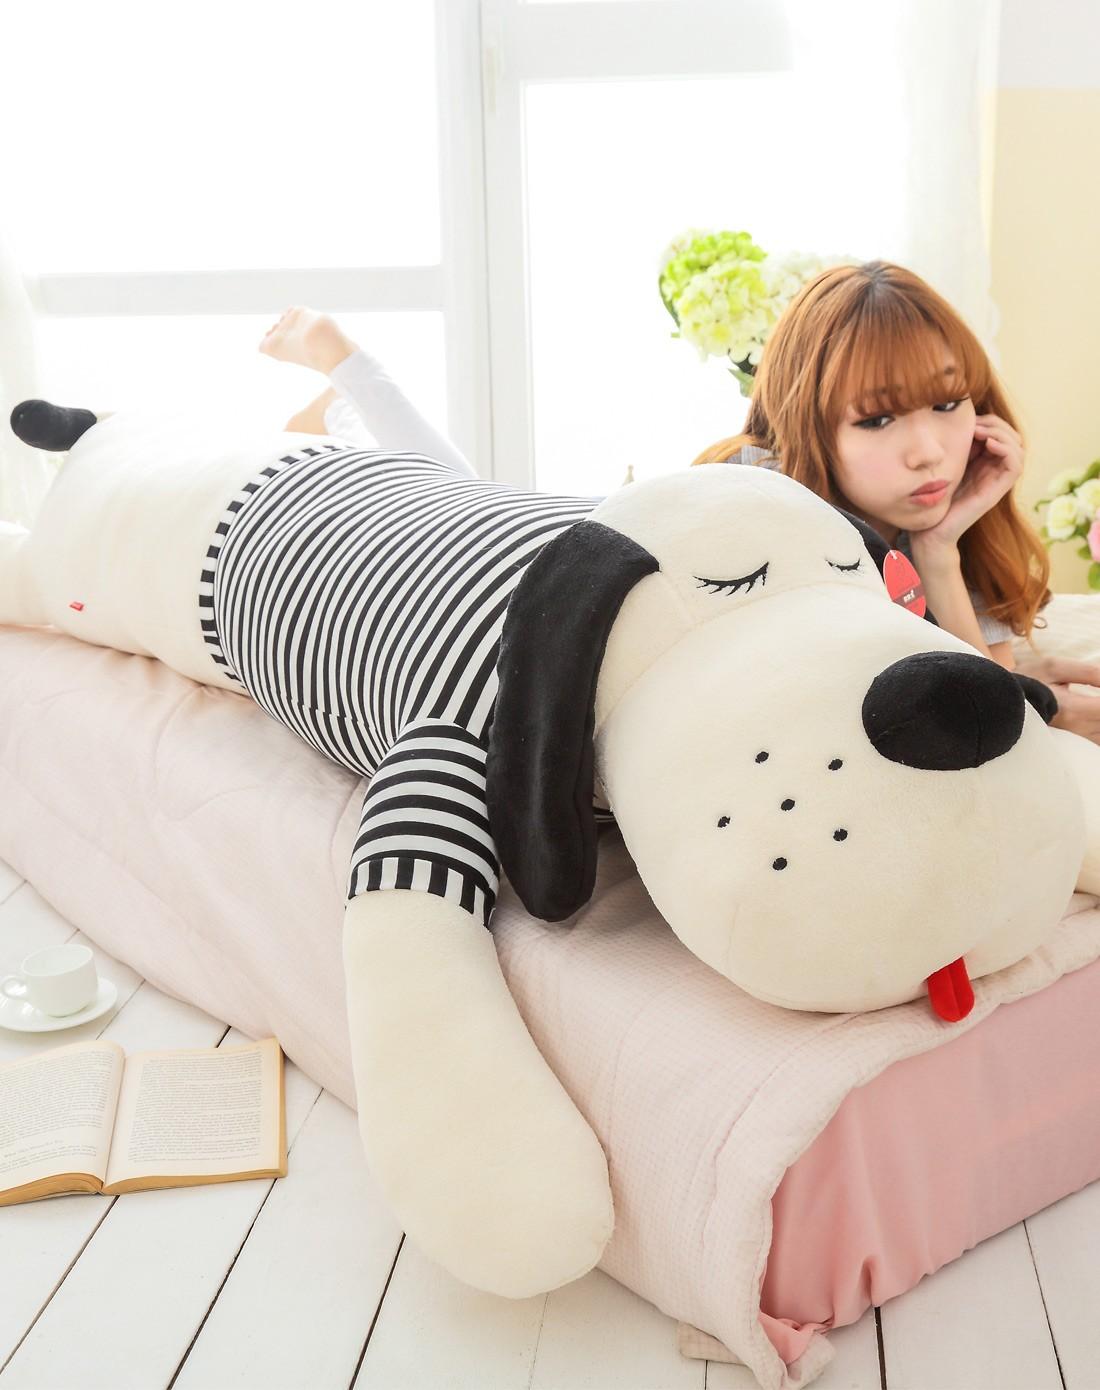 小号黑白创意条纹狗睡觉抱枕 90厘米